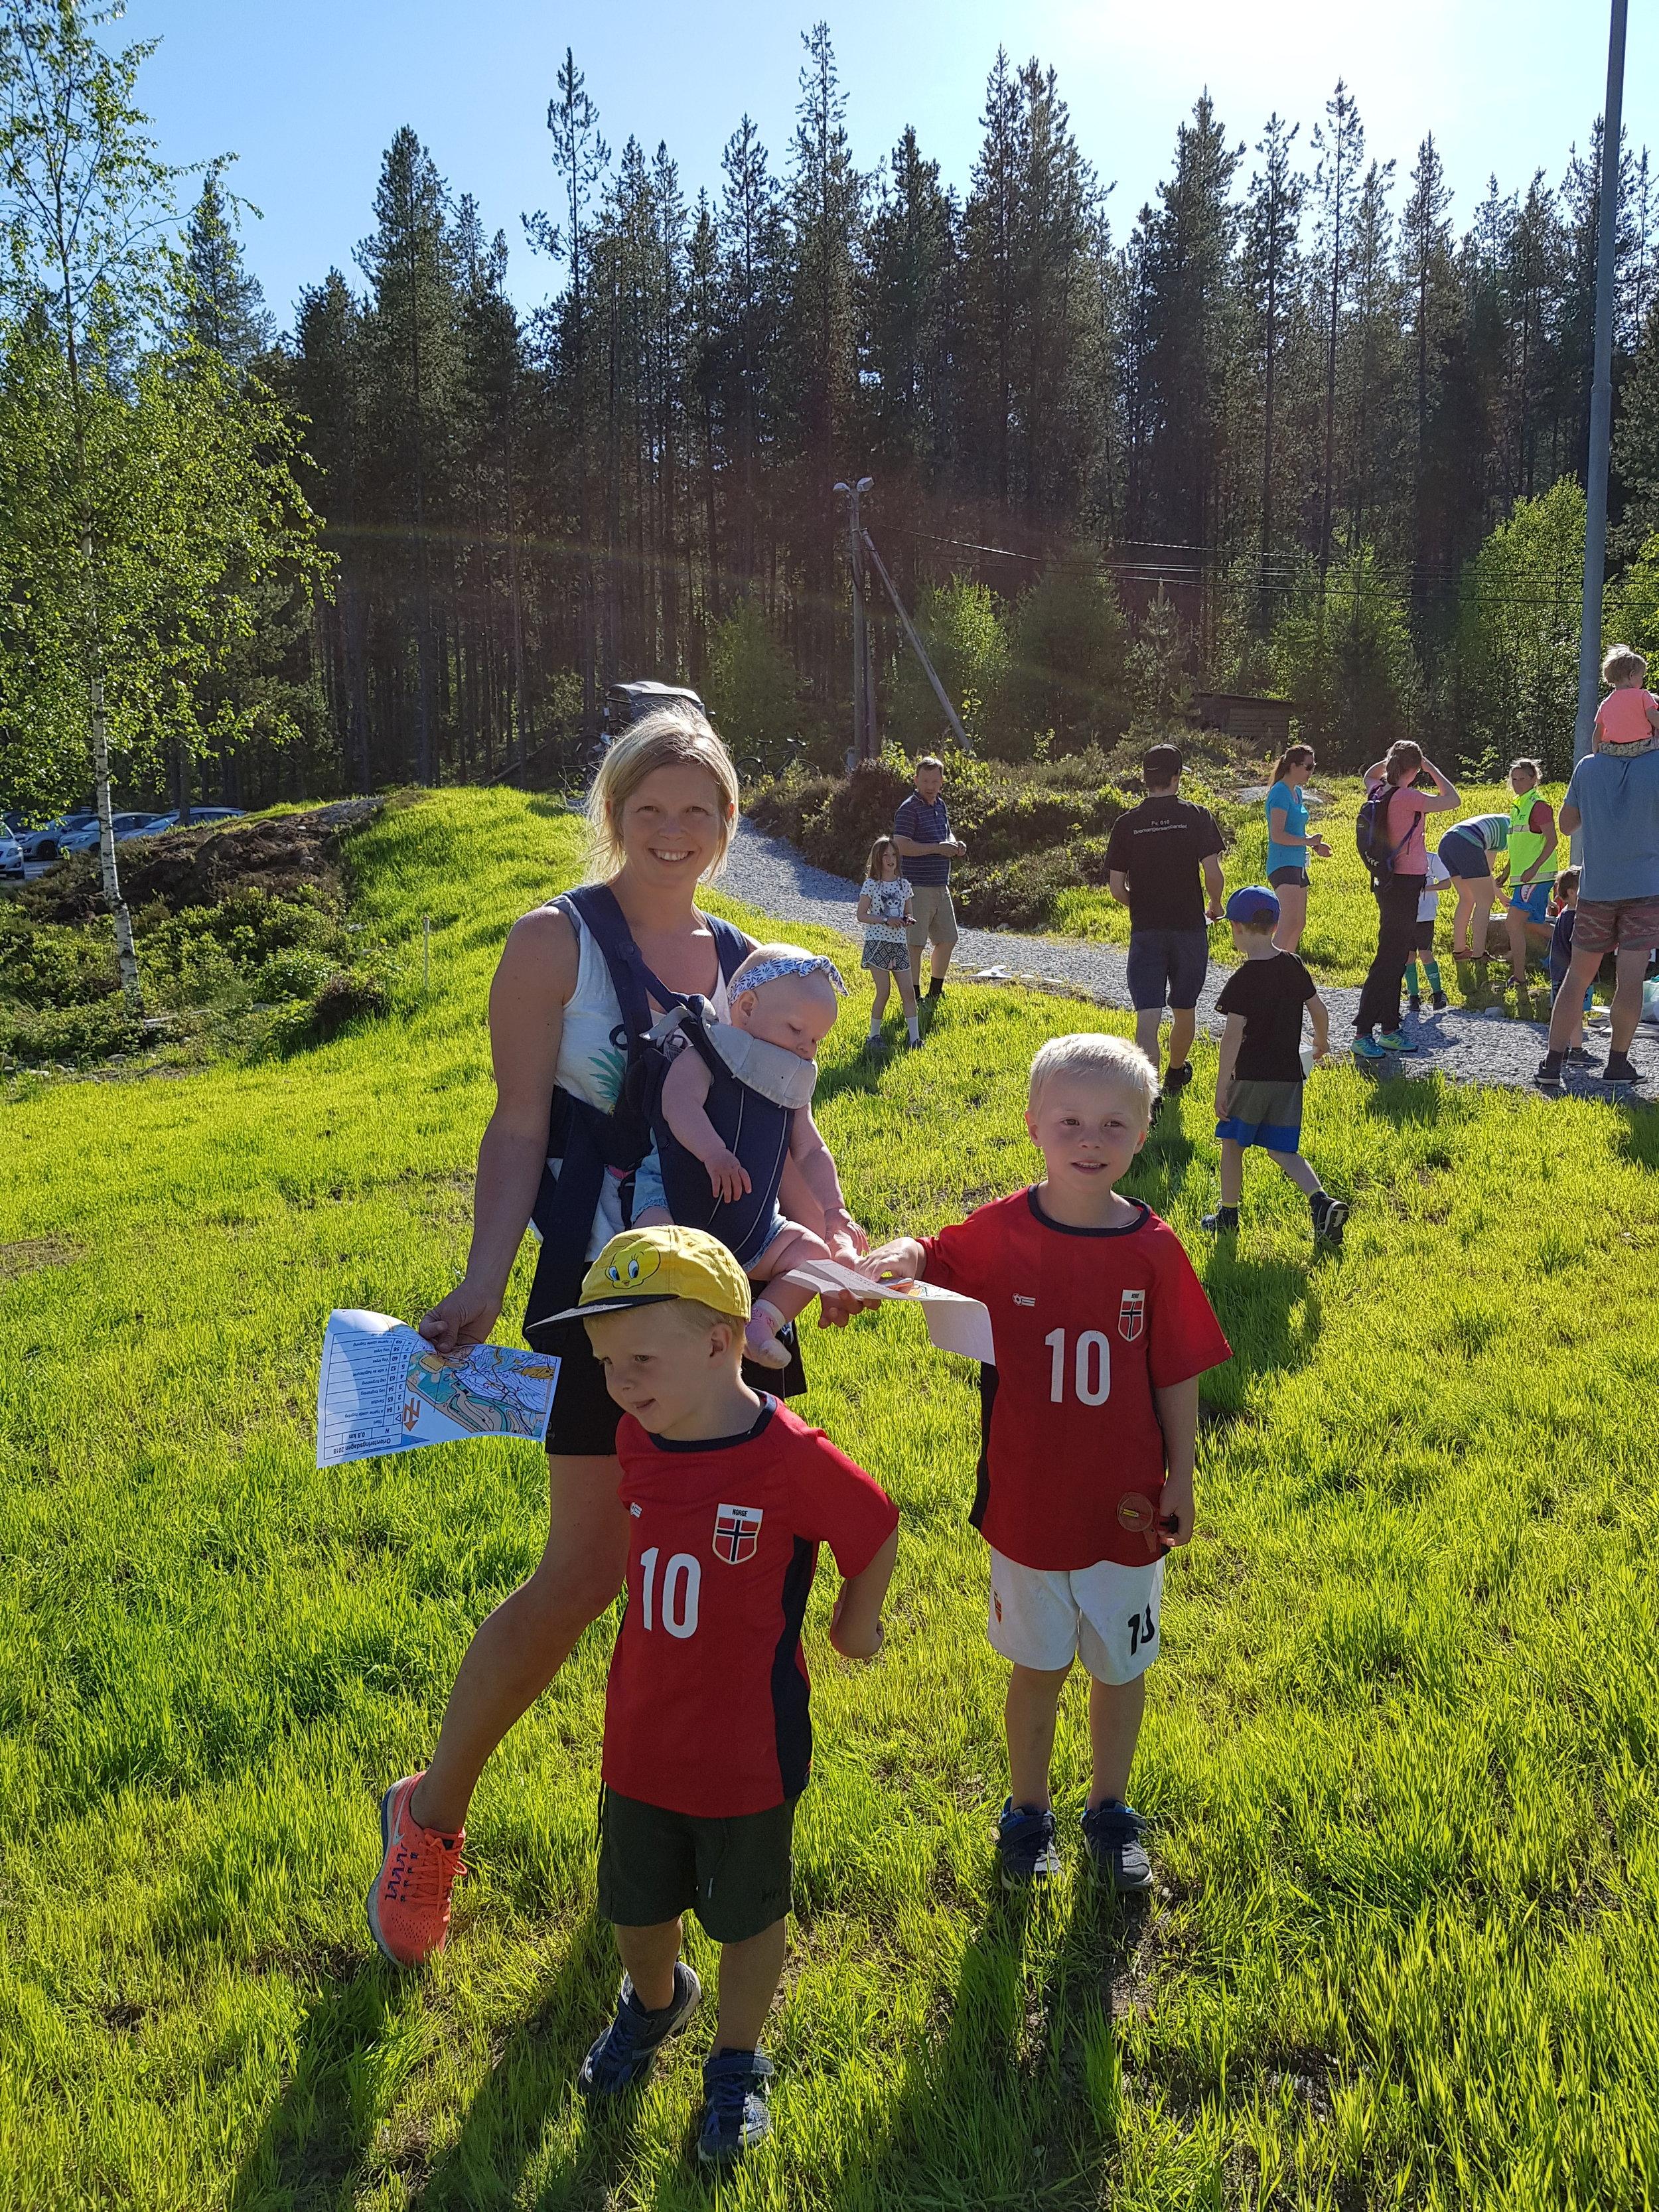 Orientering for heile familien! Ingrid Hove Harkjerr med Åsa, Eskil og Brage. Tore var ute og sprang ei lenger løype.